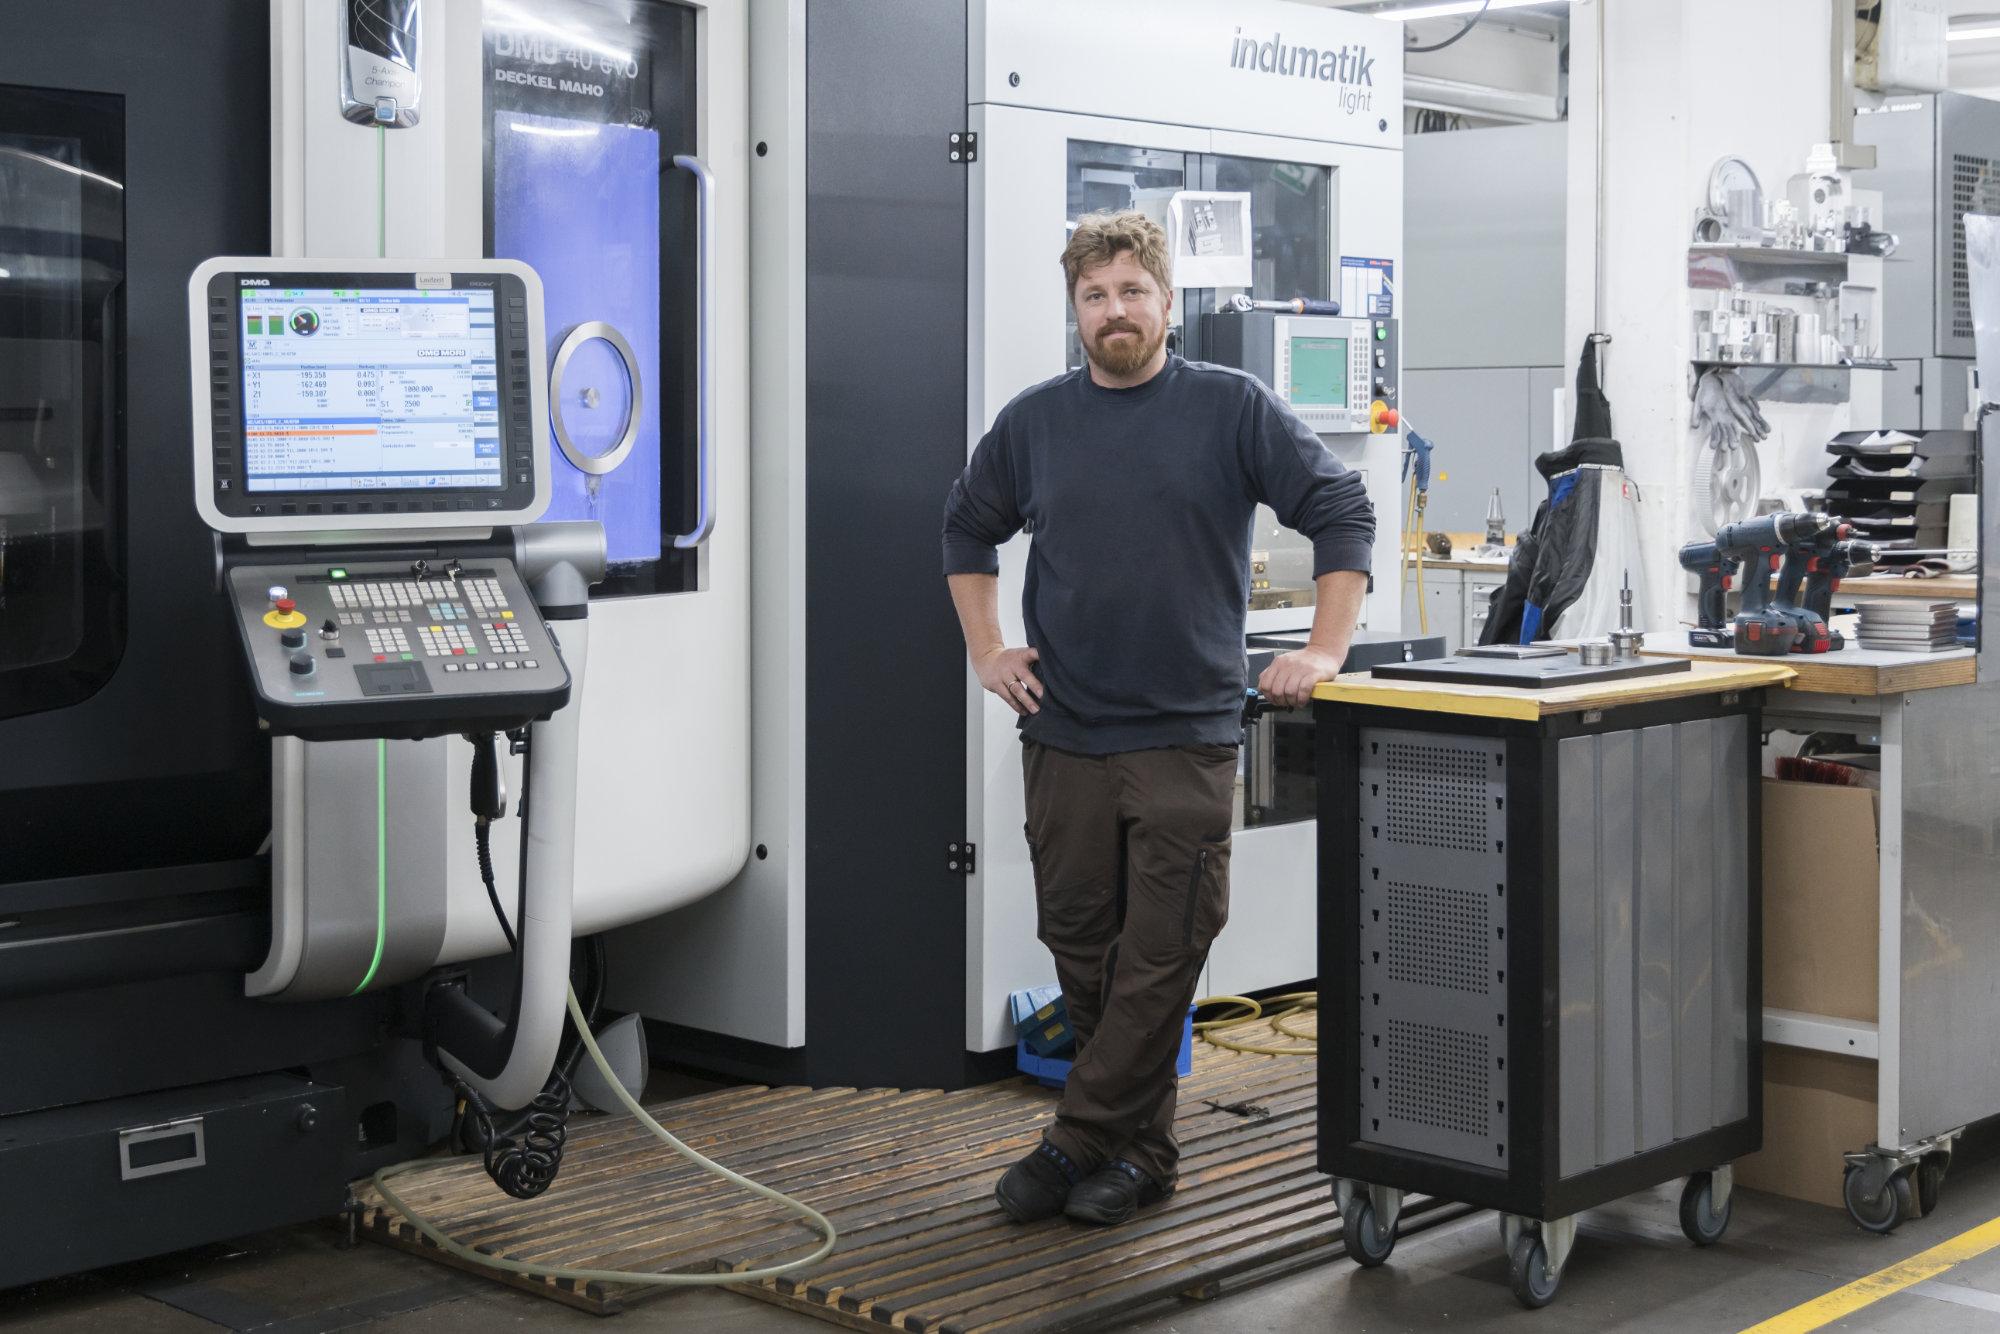 Mey Mitarbeiter vor moderner Maschine